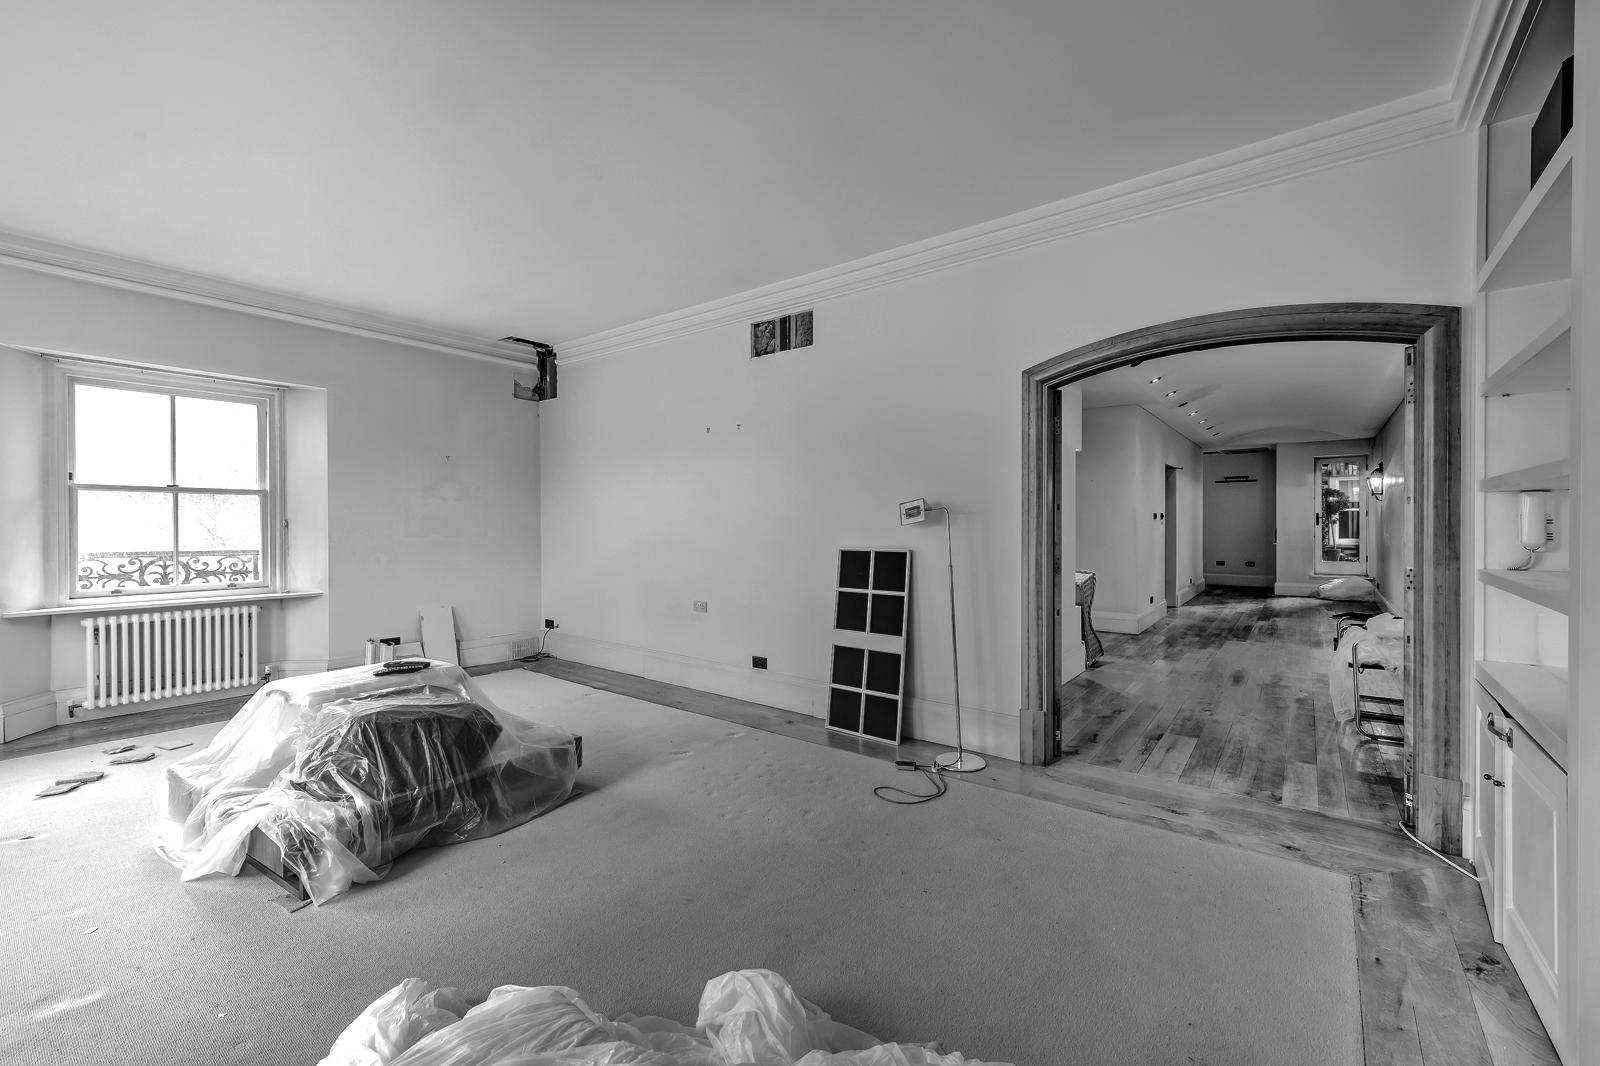 Wohnzimmer vor der Modernisierung